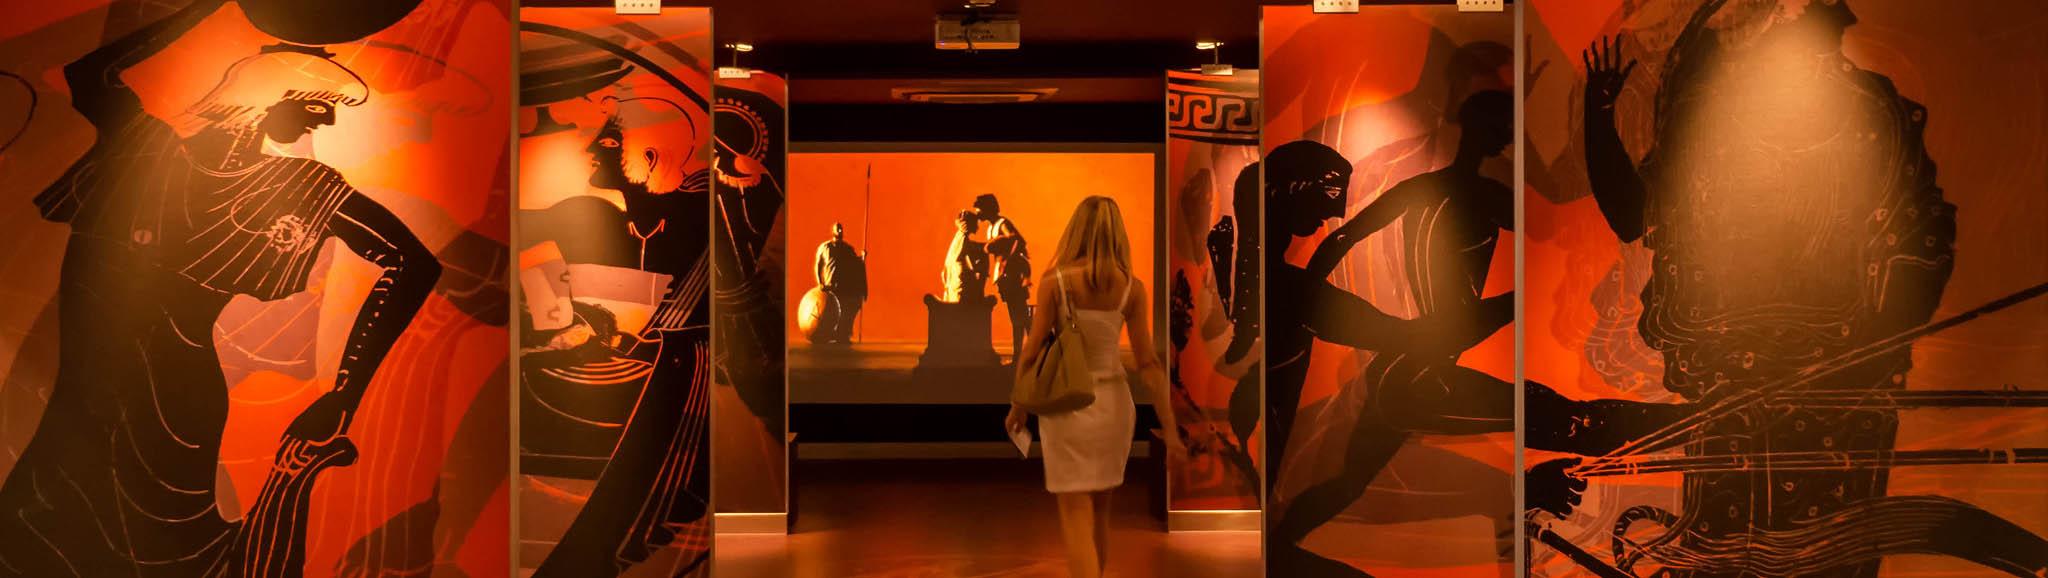 Музей киклаского искусства в Афинах